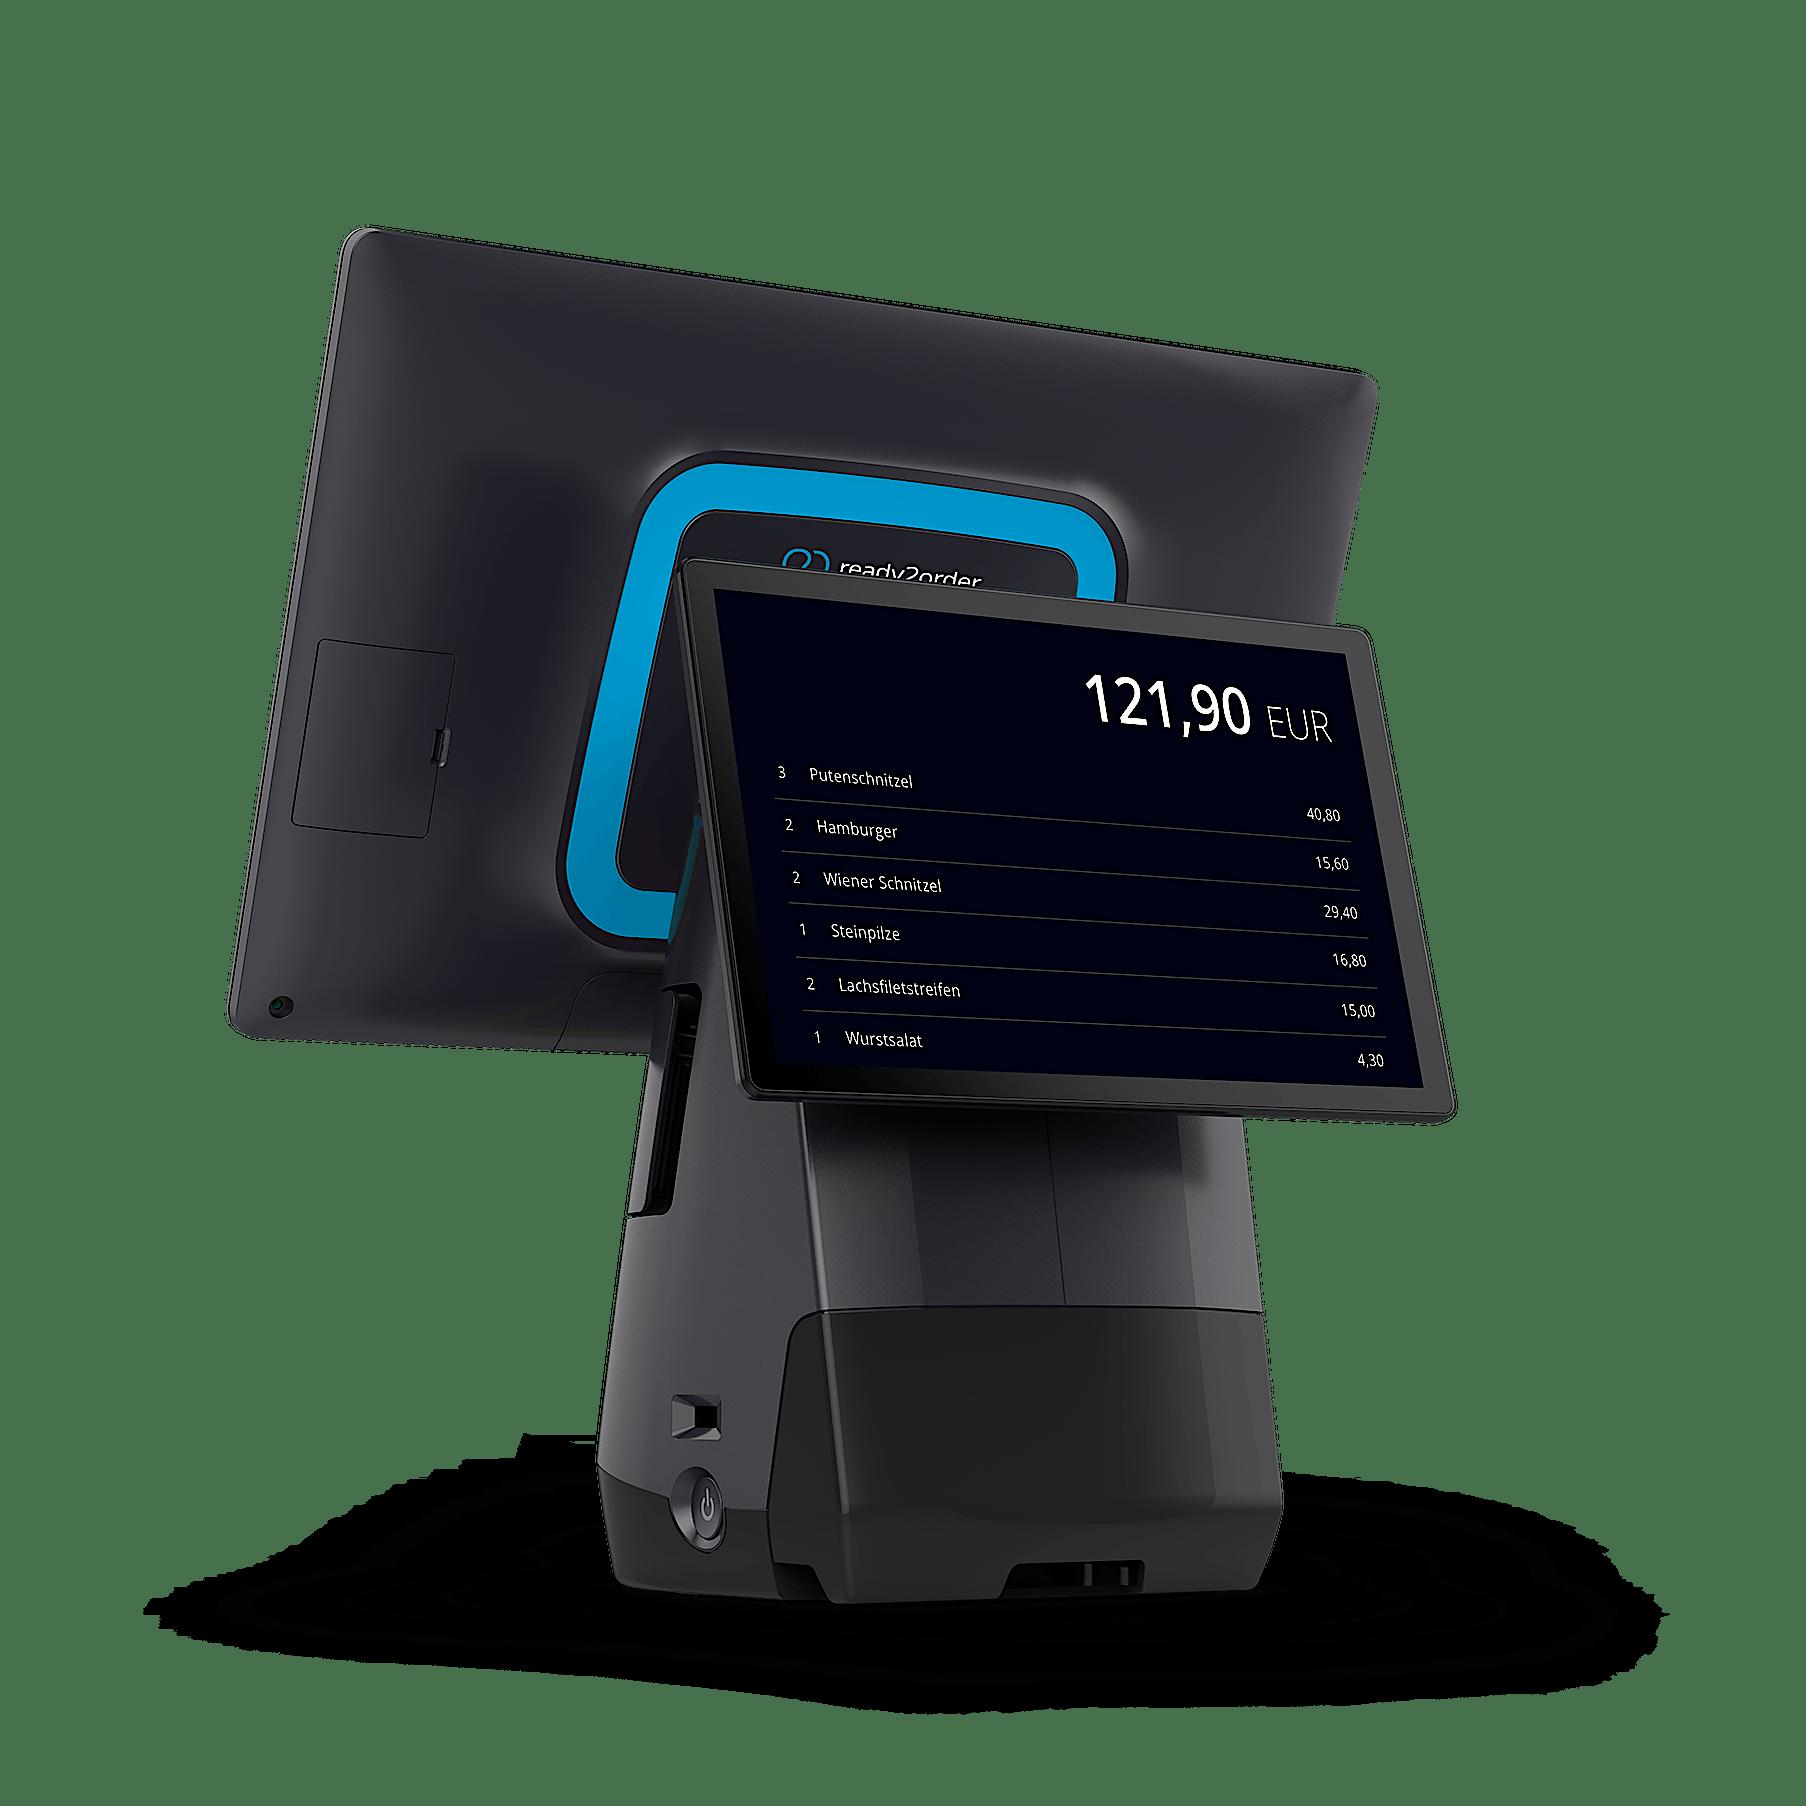 readyT2 Gerät mit Kundendisplay